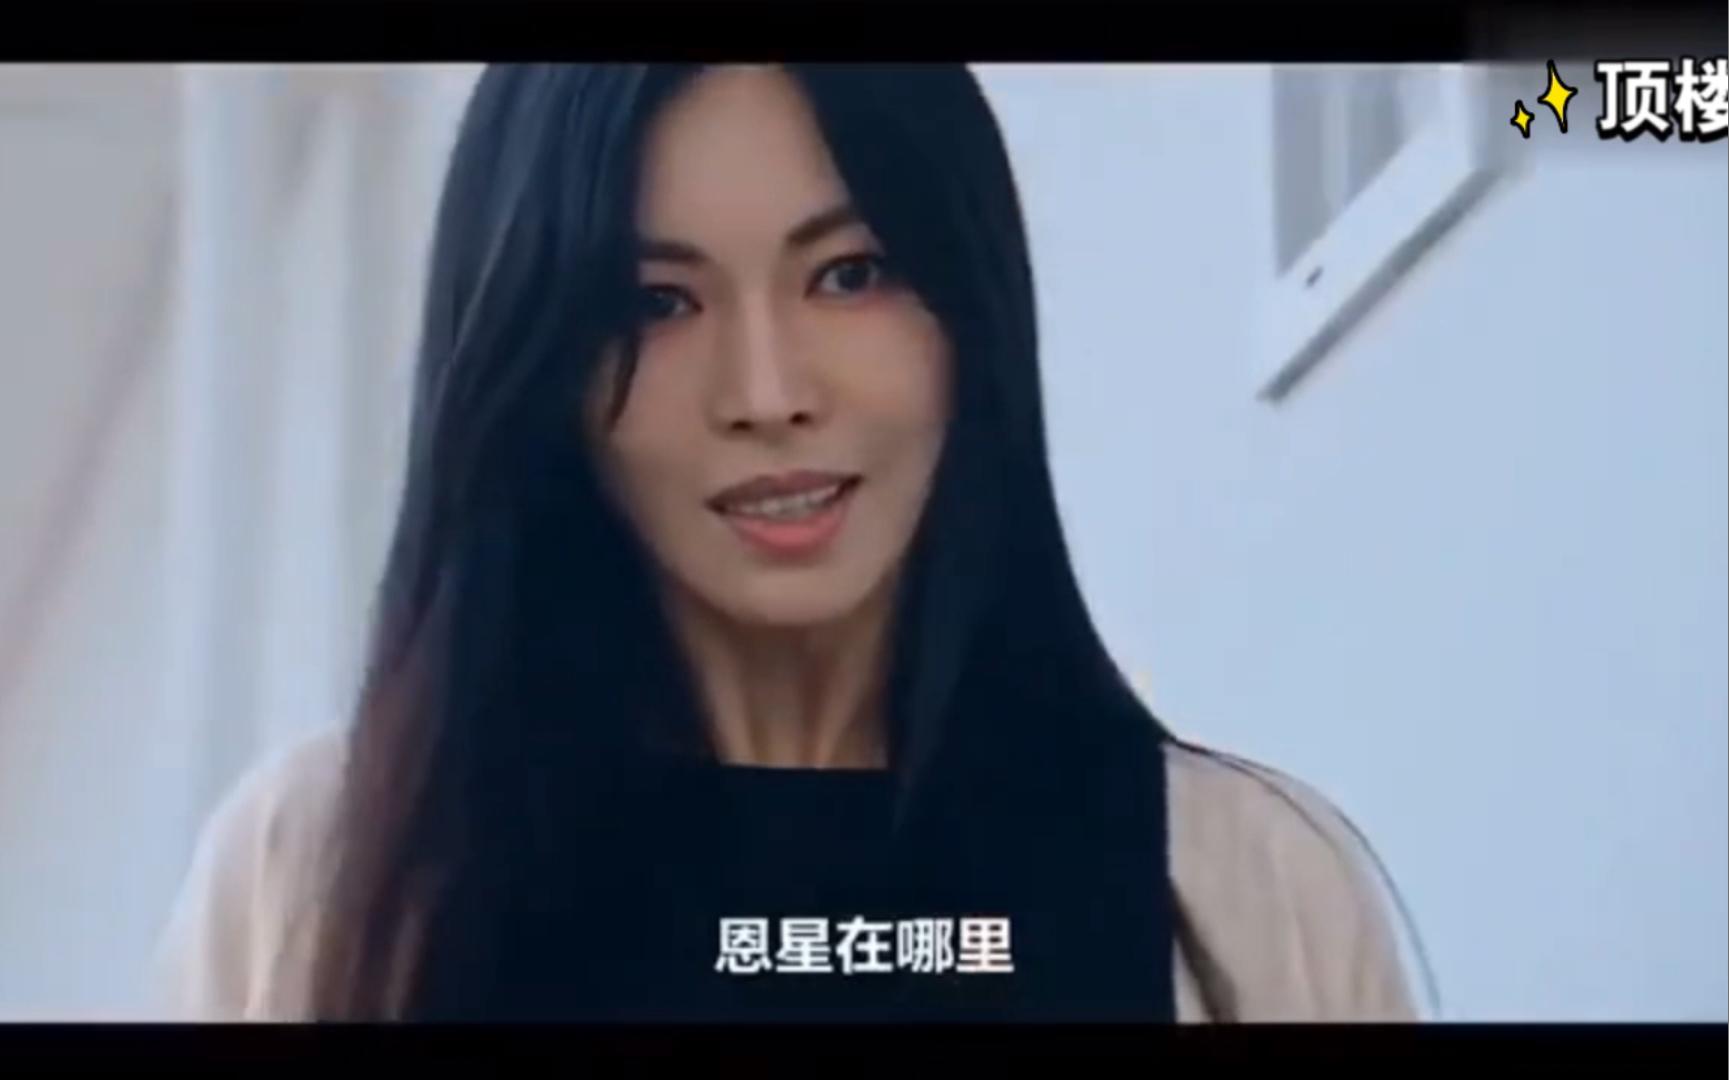 韩剧【顶楼3】千宝在线殴打前夫,家暴现场